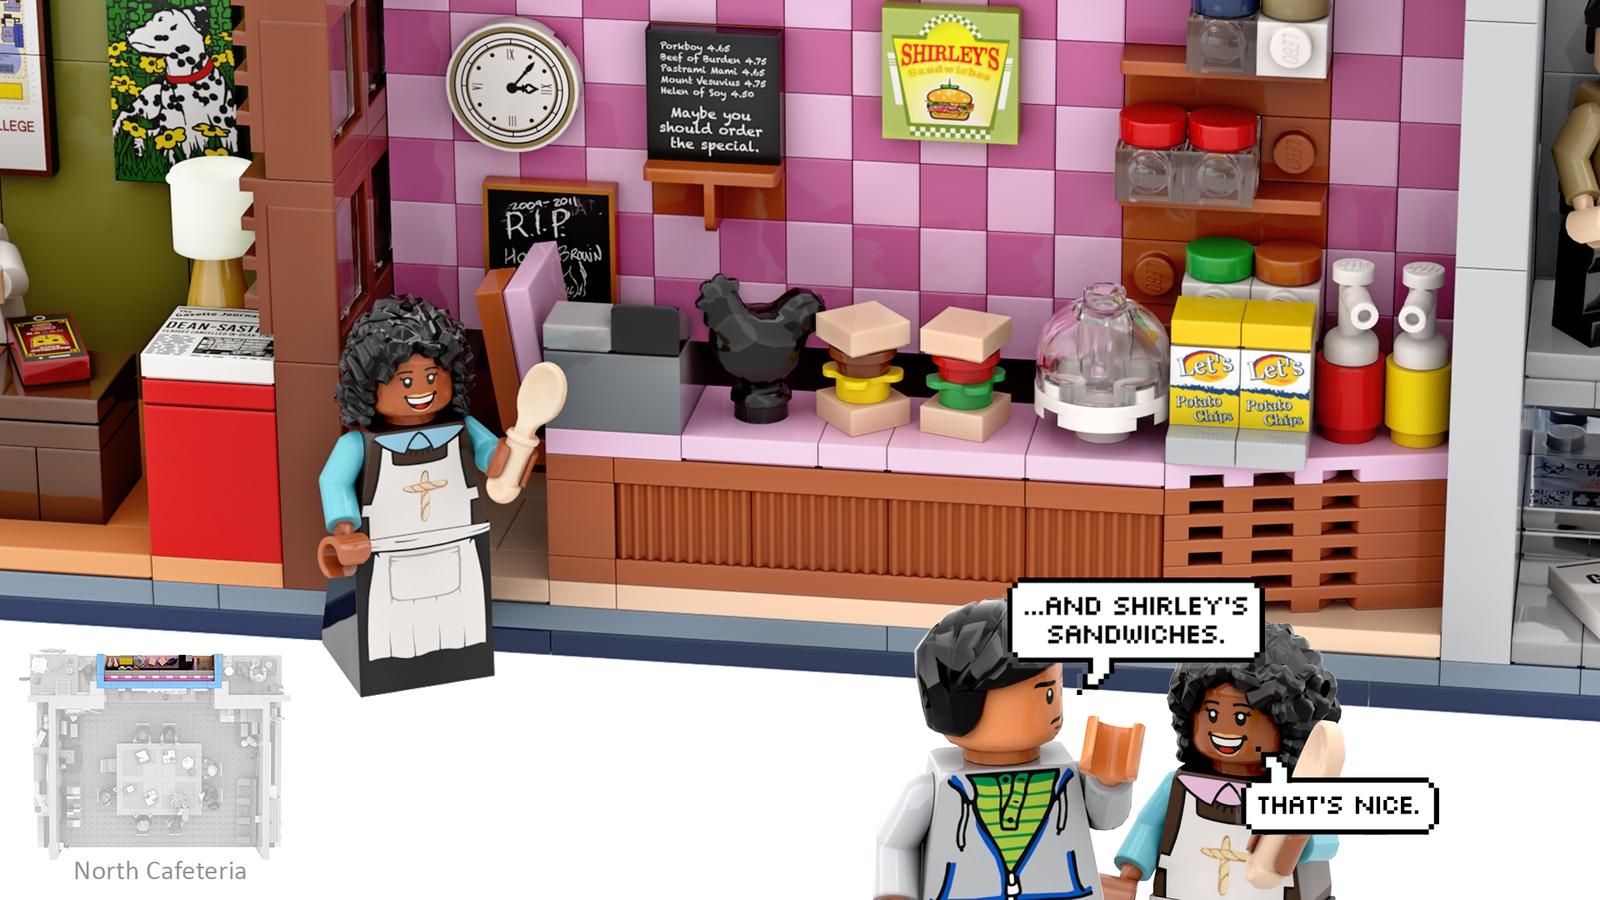 lego ideas community shirley's sandwiches